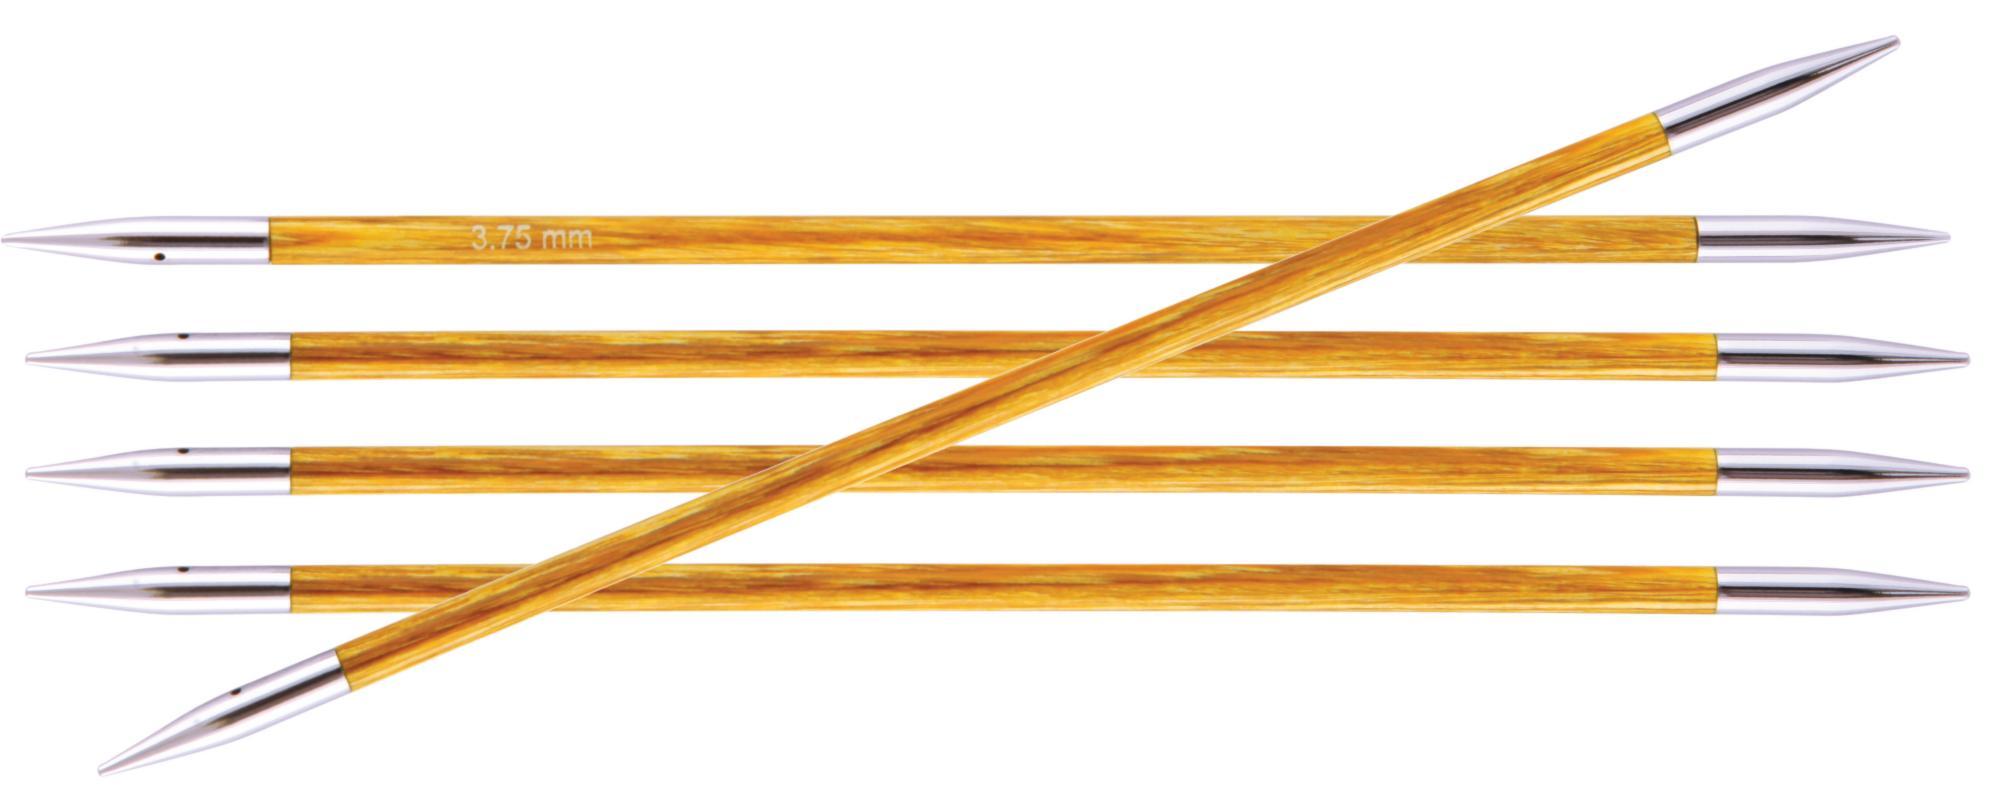 Спицы носочные 15 см Royale KnitPro, 29008, 3.75 мм